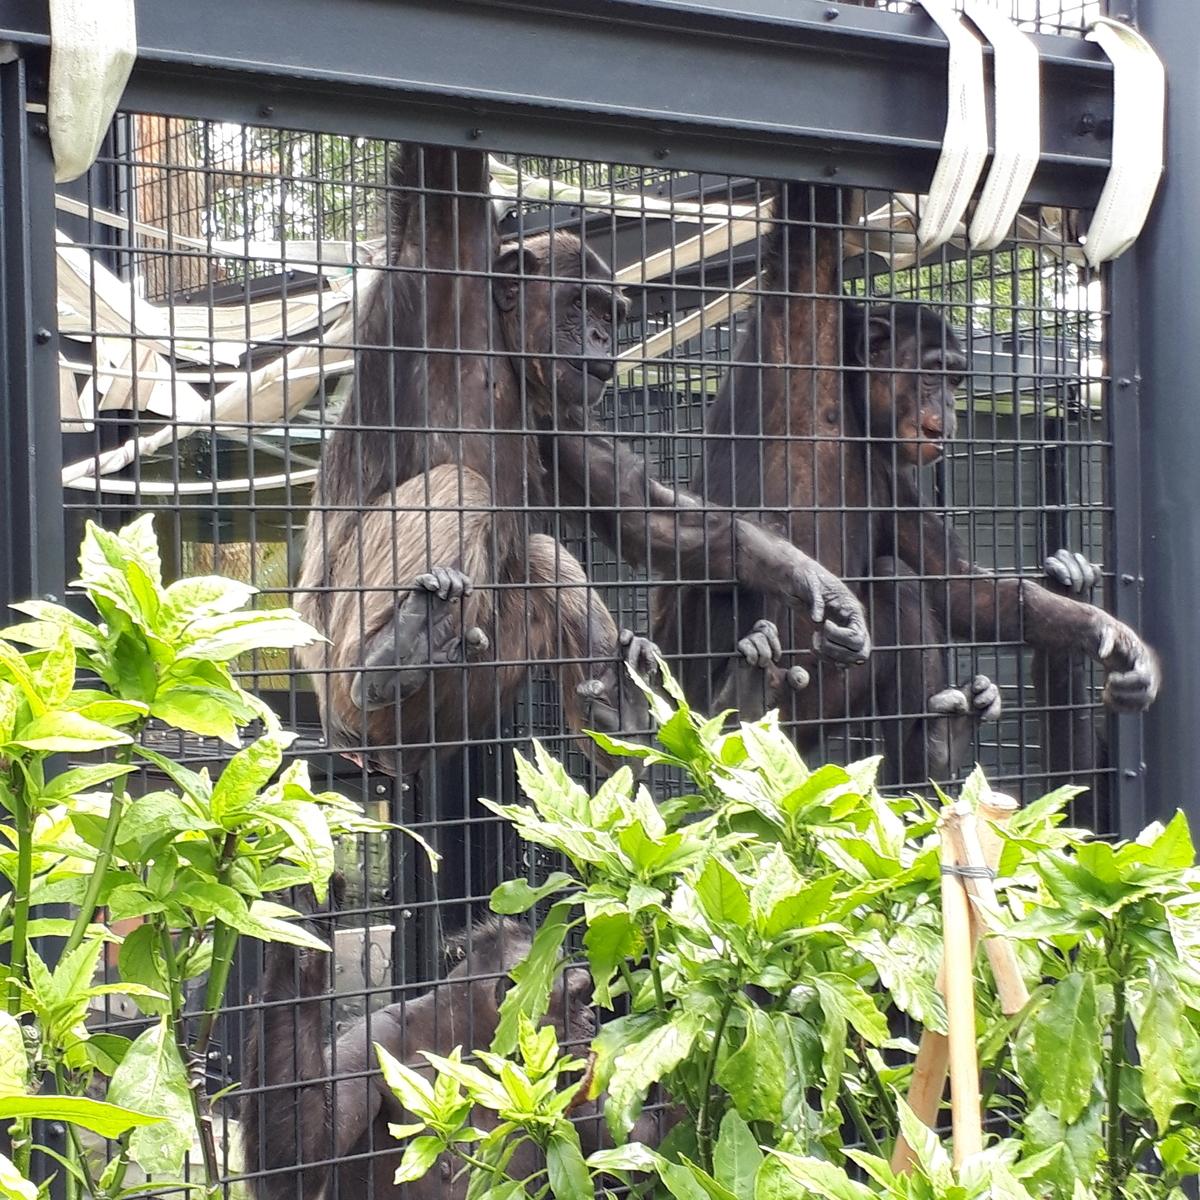 宮崎市フェニックス自然動物園 チンパンジーのえさ取り